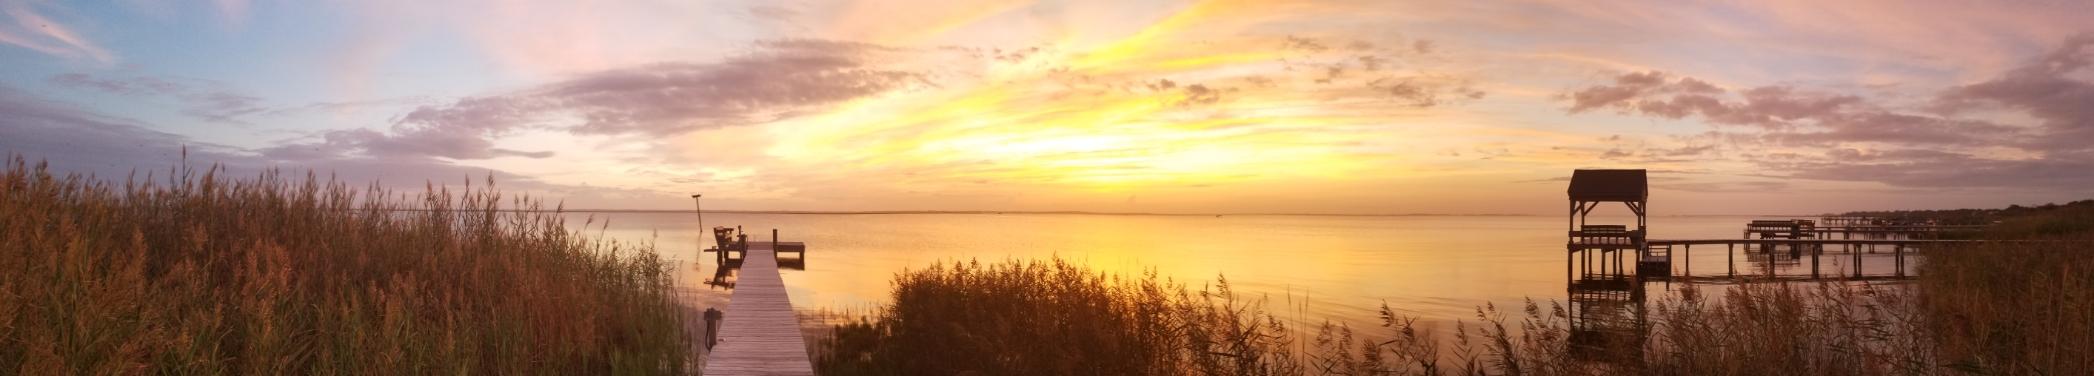 Sunrise silence